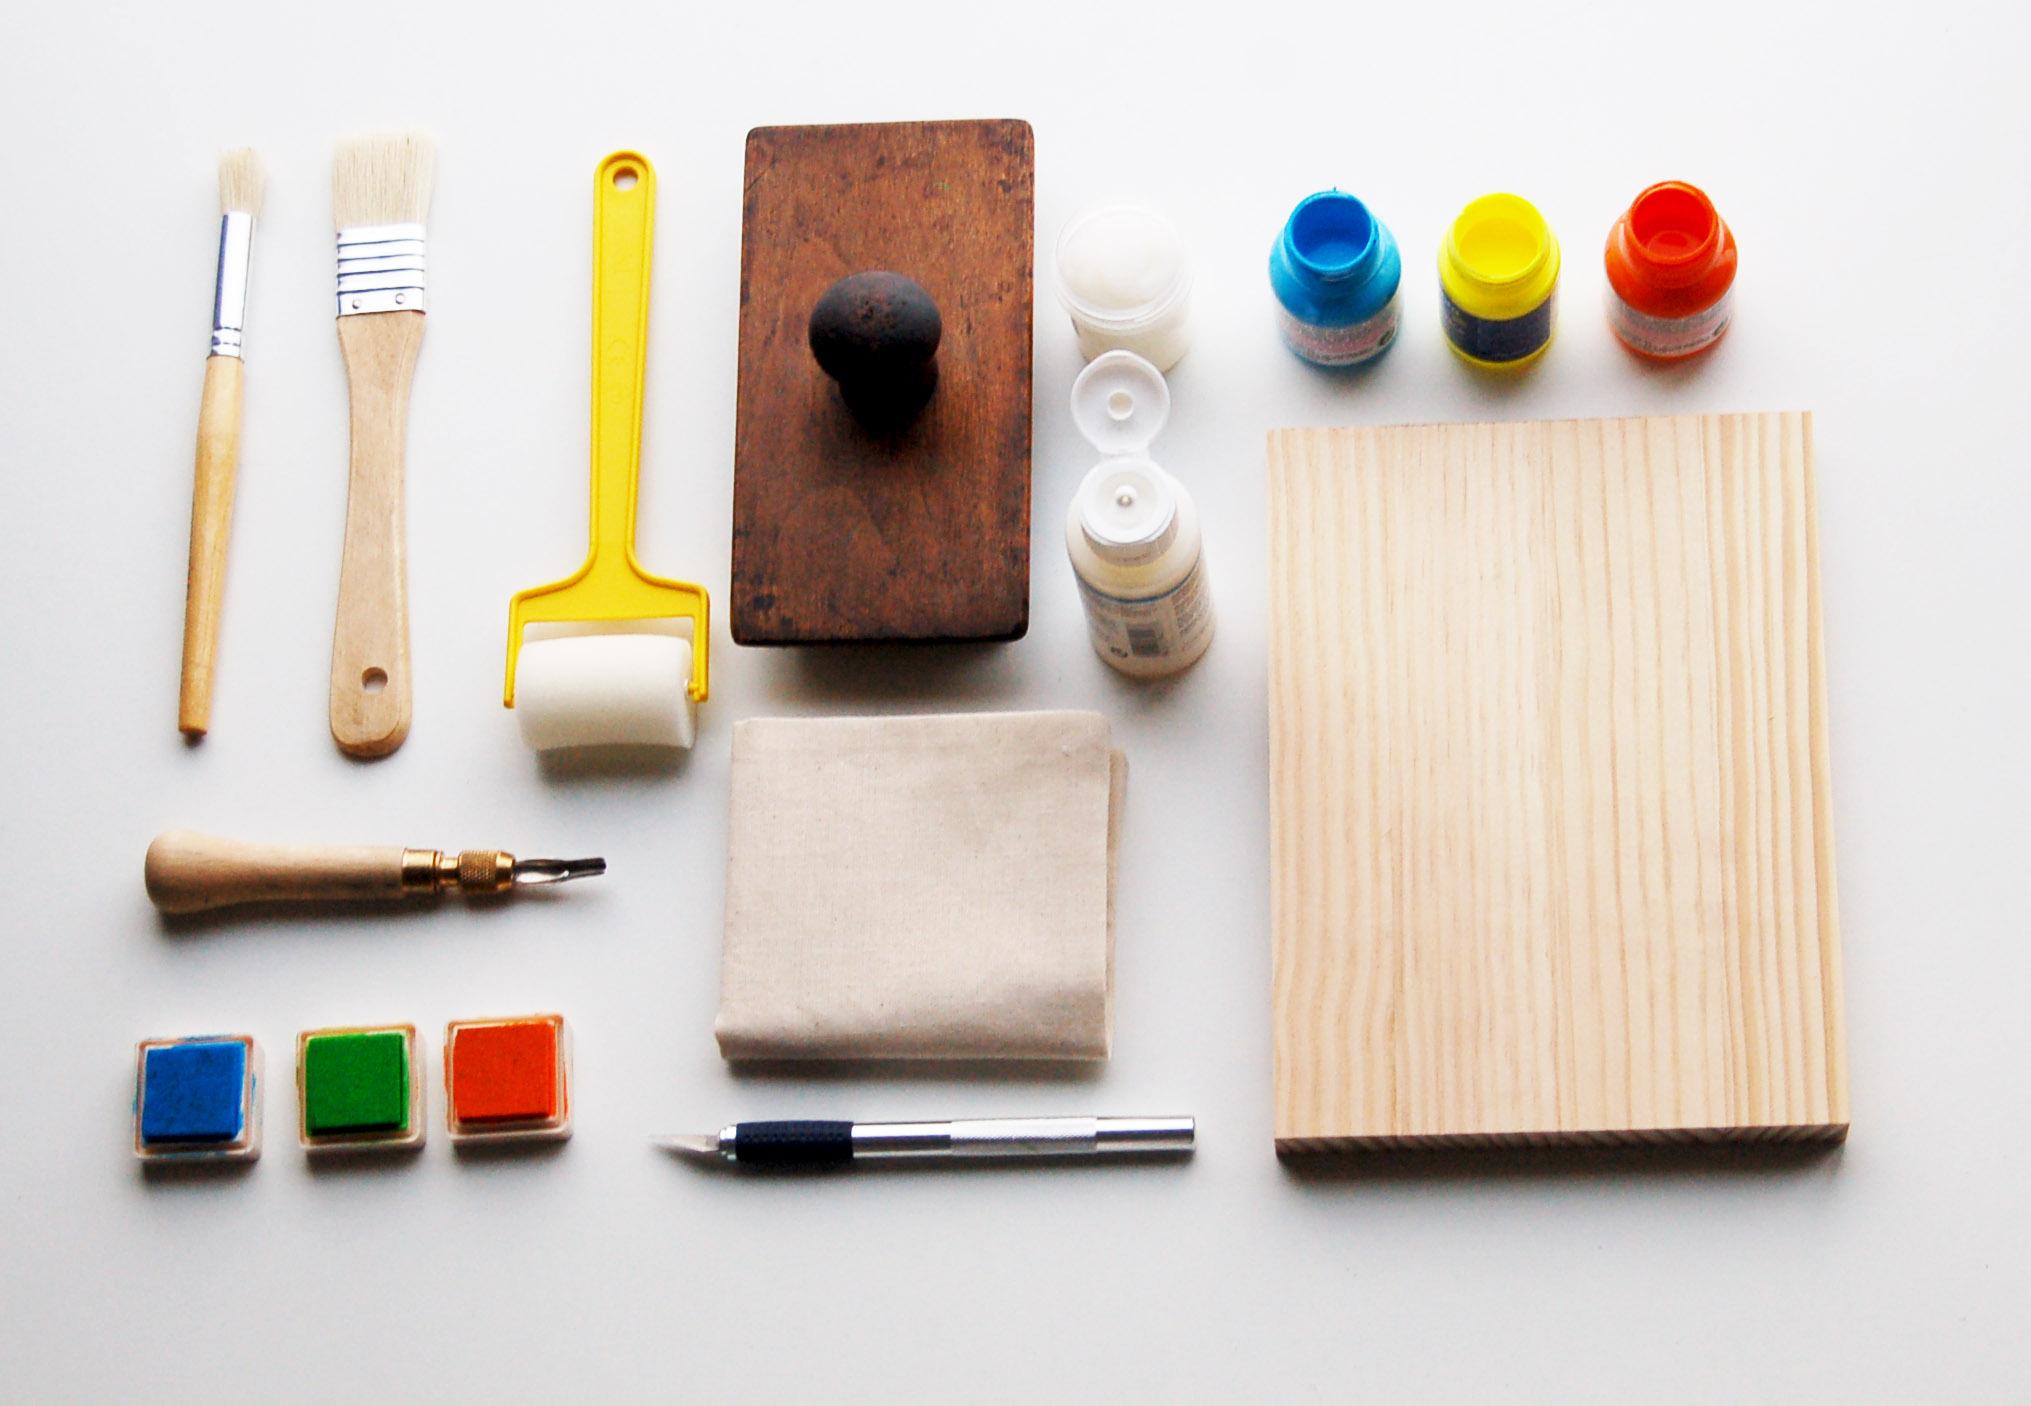 estampación manual herramientas